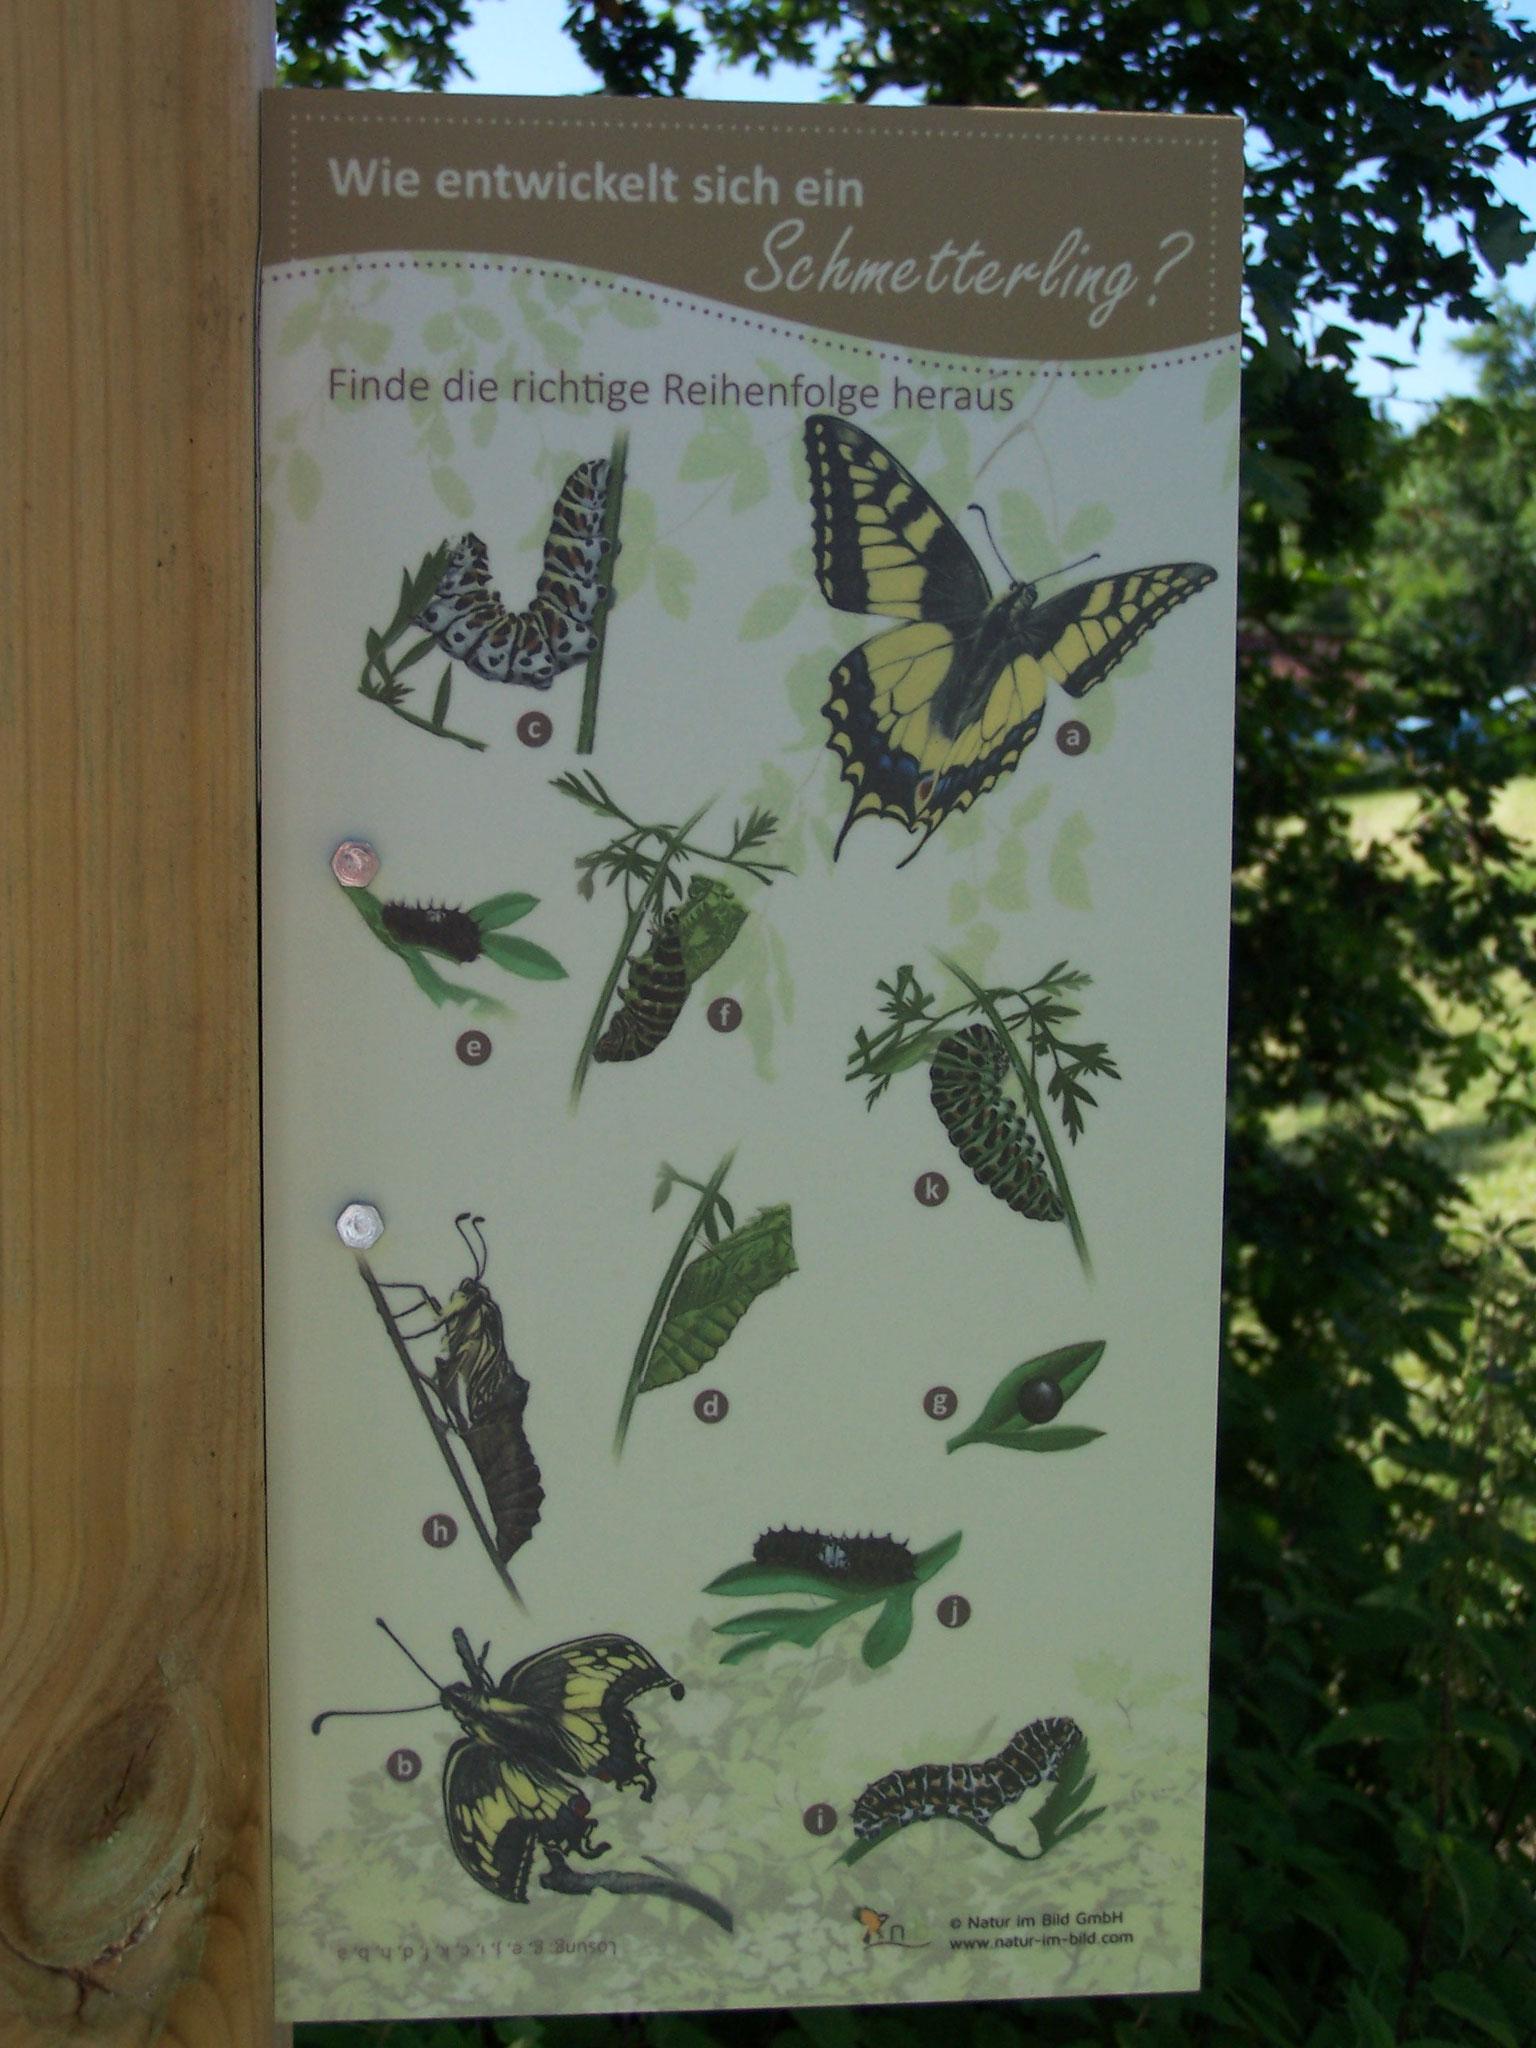 ... Infoafel am Schmetterlingsbeet ...